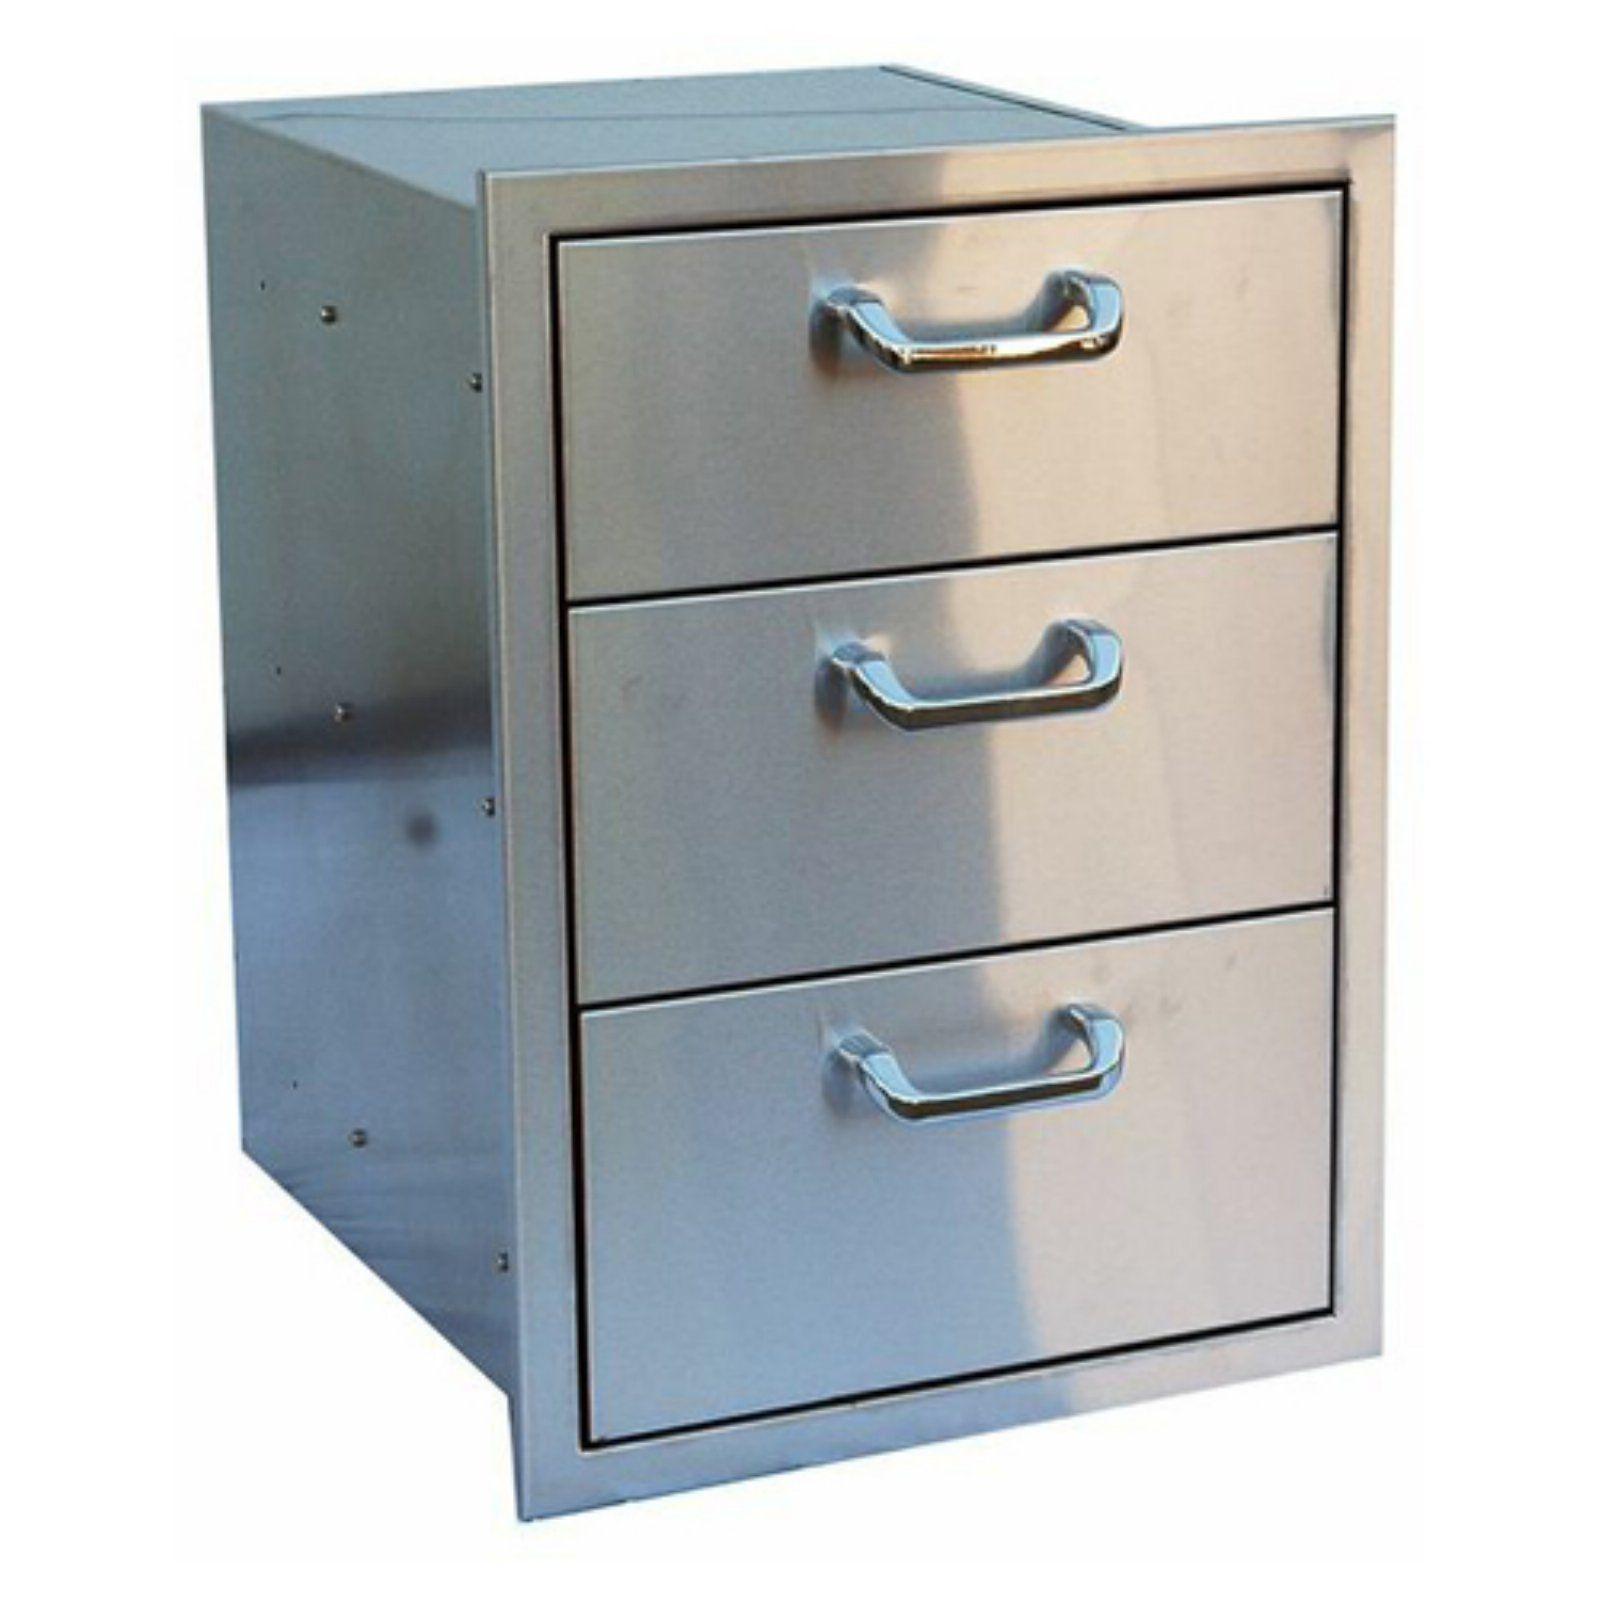 Outdoor Greatroom Stainless Steel Triple Drawer Stainless Steel Cabinets Outdoor Kitchen Cabinets Steel